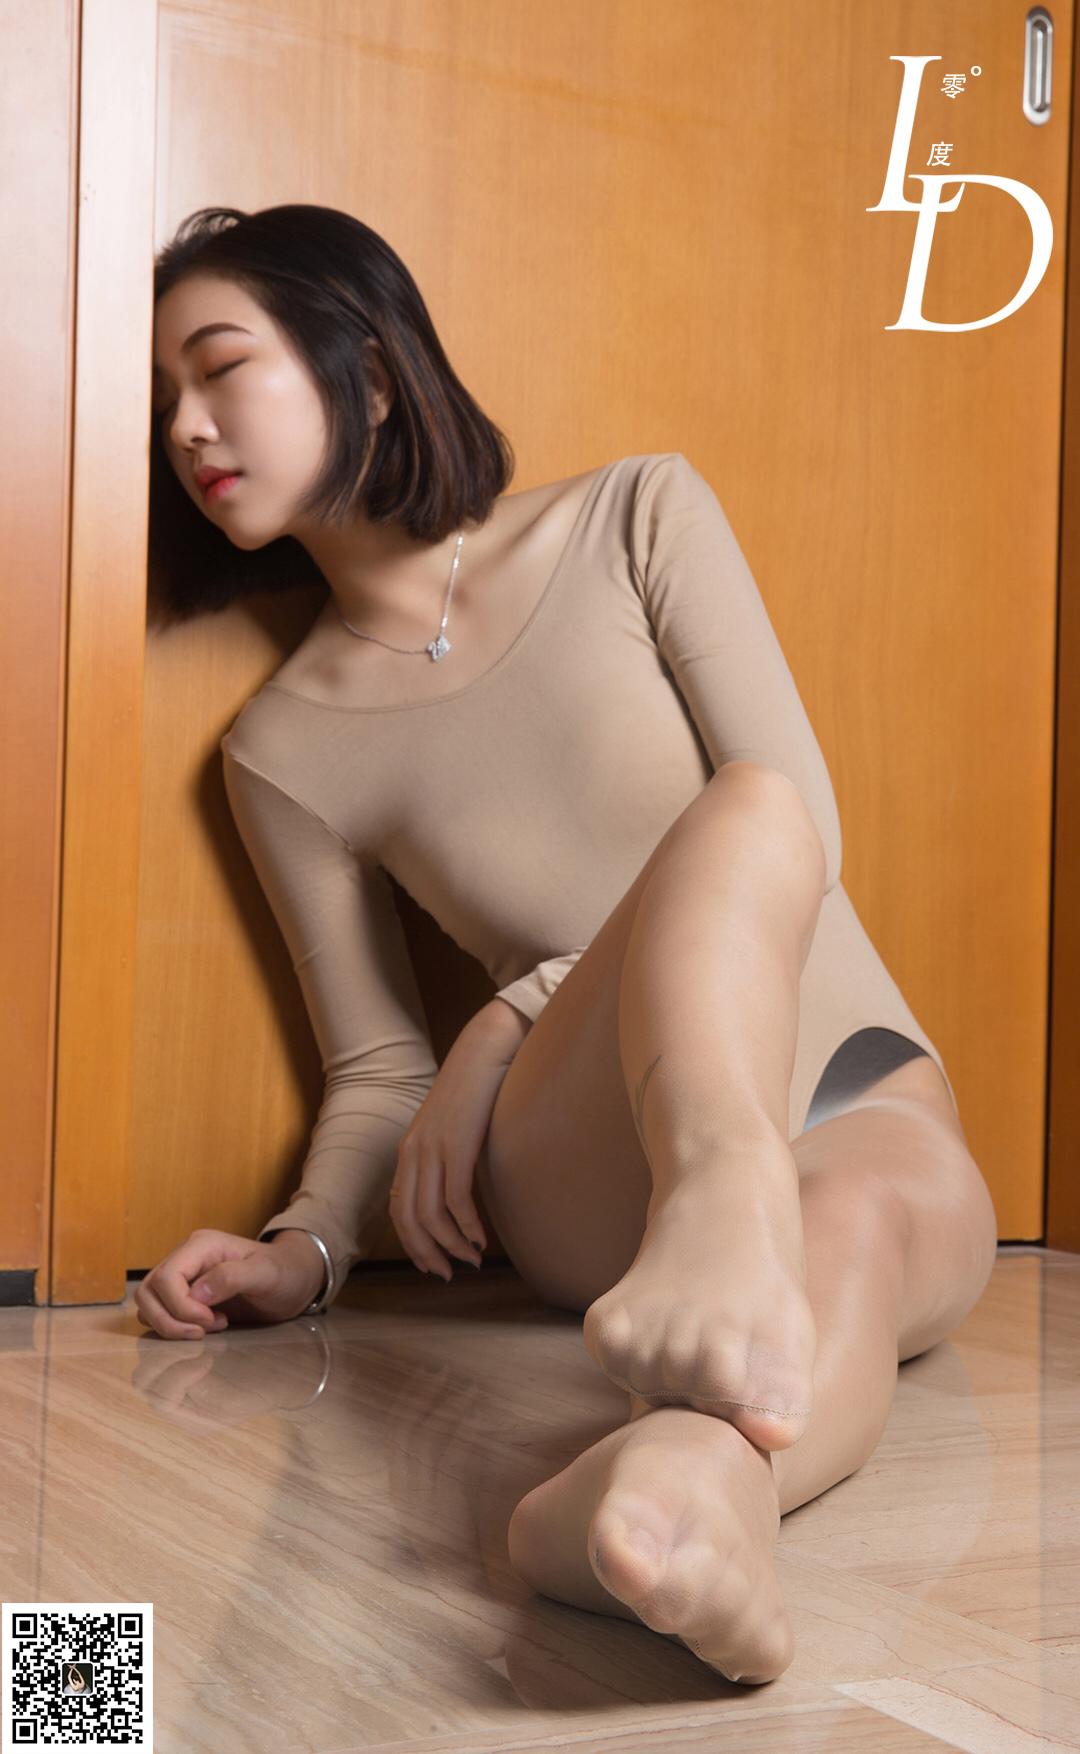 零度摄影 第030期 舞蹈生薇薇-觅爱图